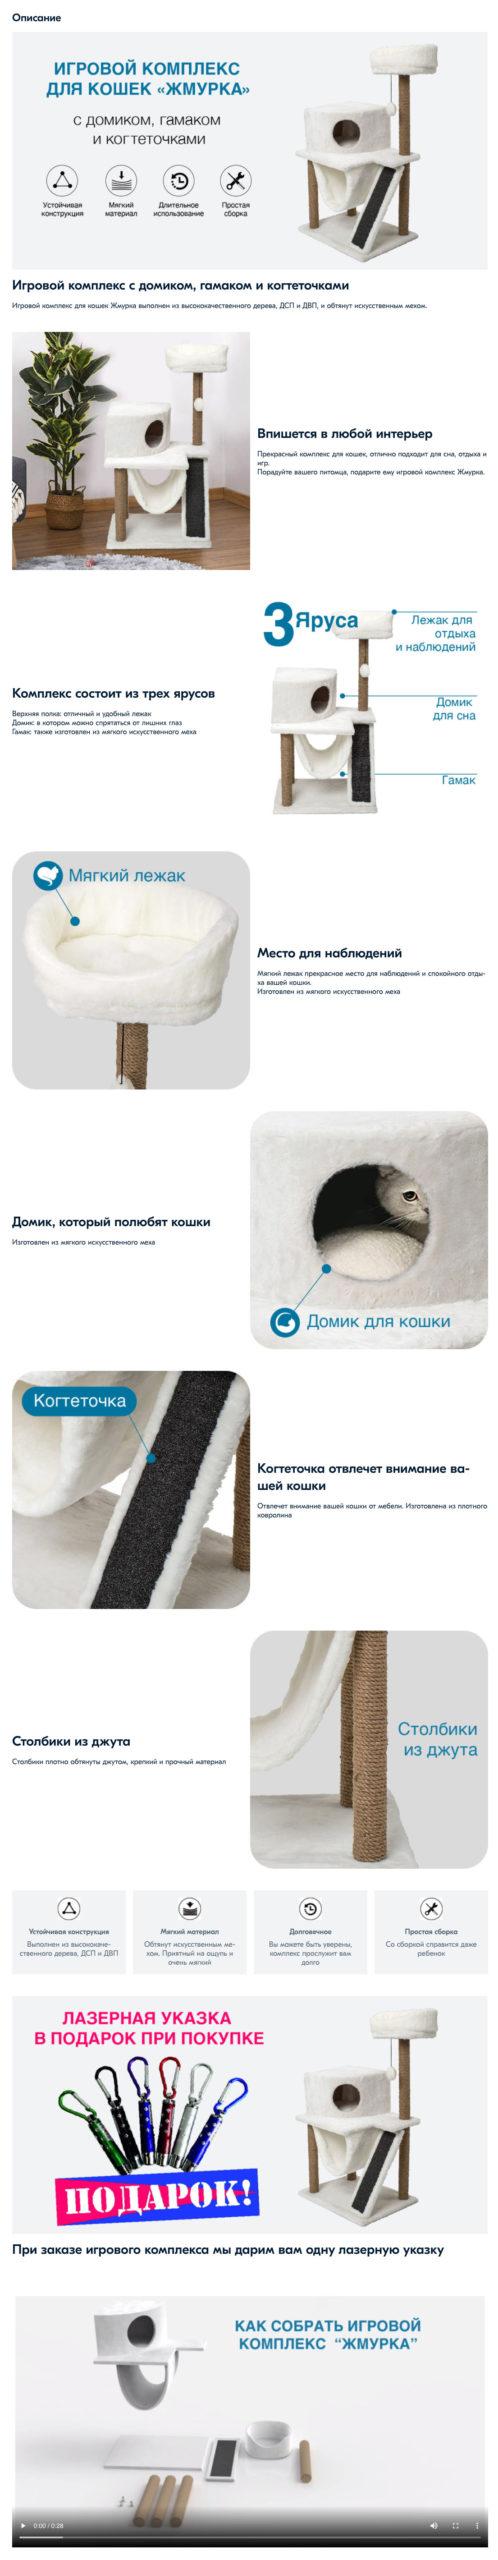 screencapture-ozon-ru-product-igrovoy-kompleks-s-domikom-gamakom-i-kogtetochkami-zhmurka-meh-dzhut-porolon-60-45-120-h-sm-tsvet-197662429-2021-08-03-10_51_20